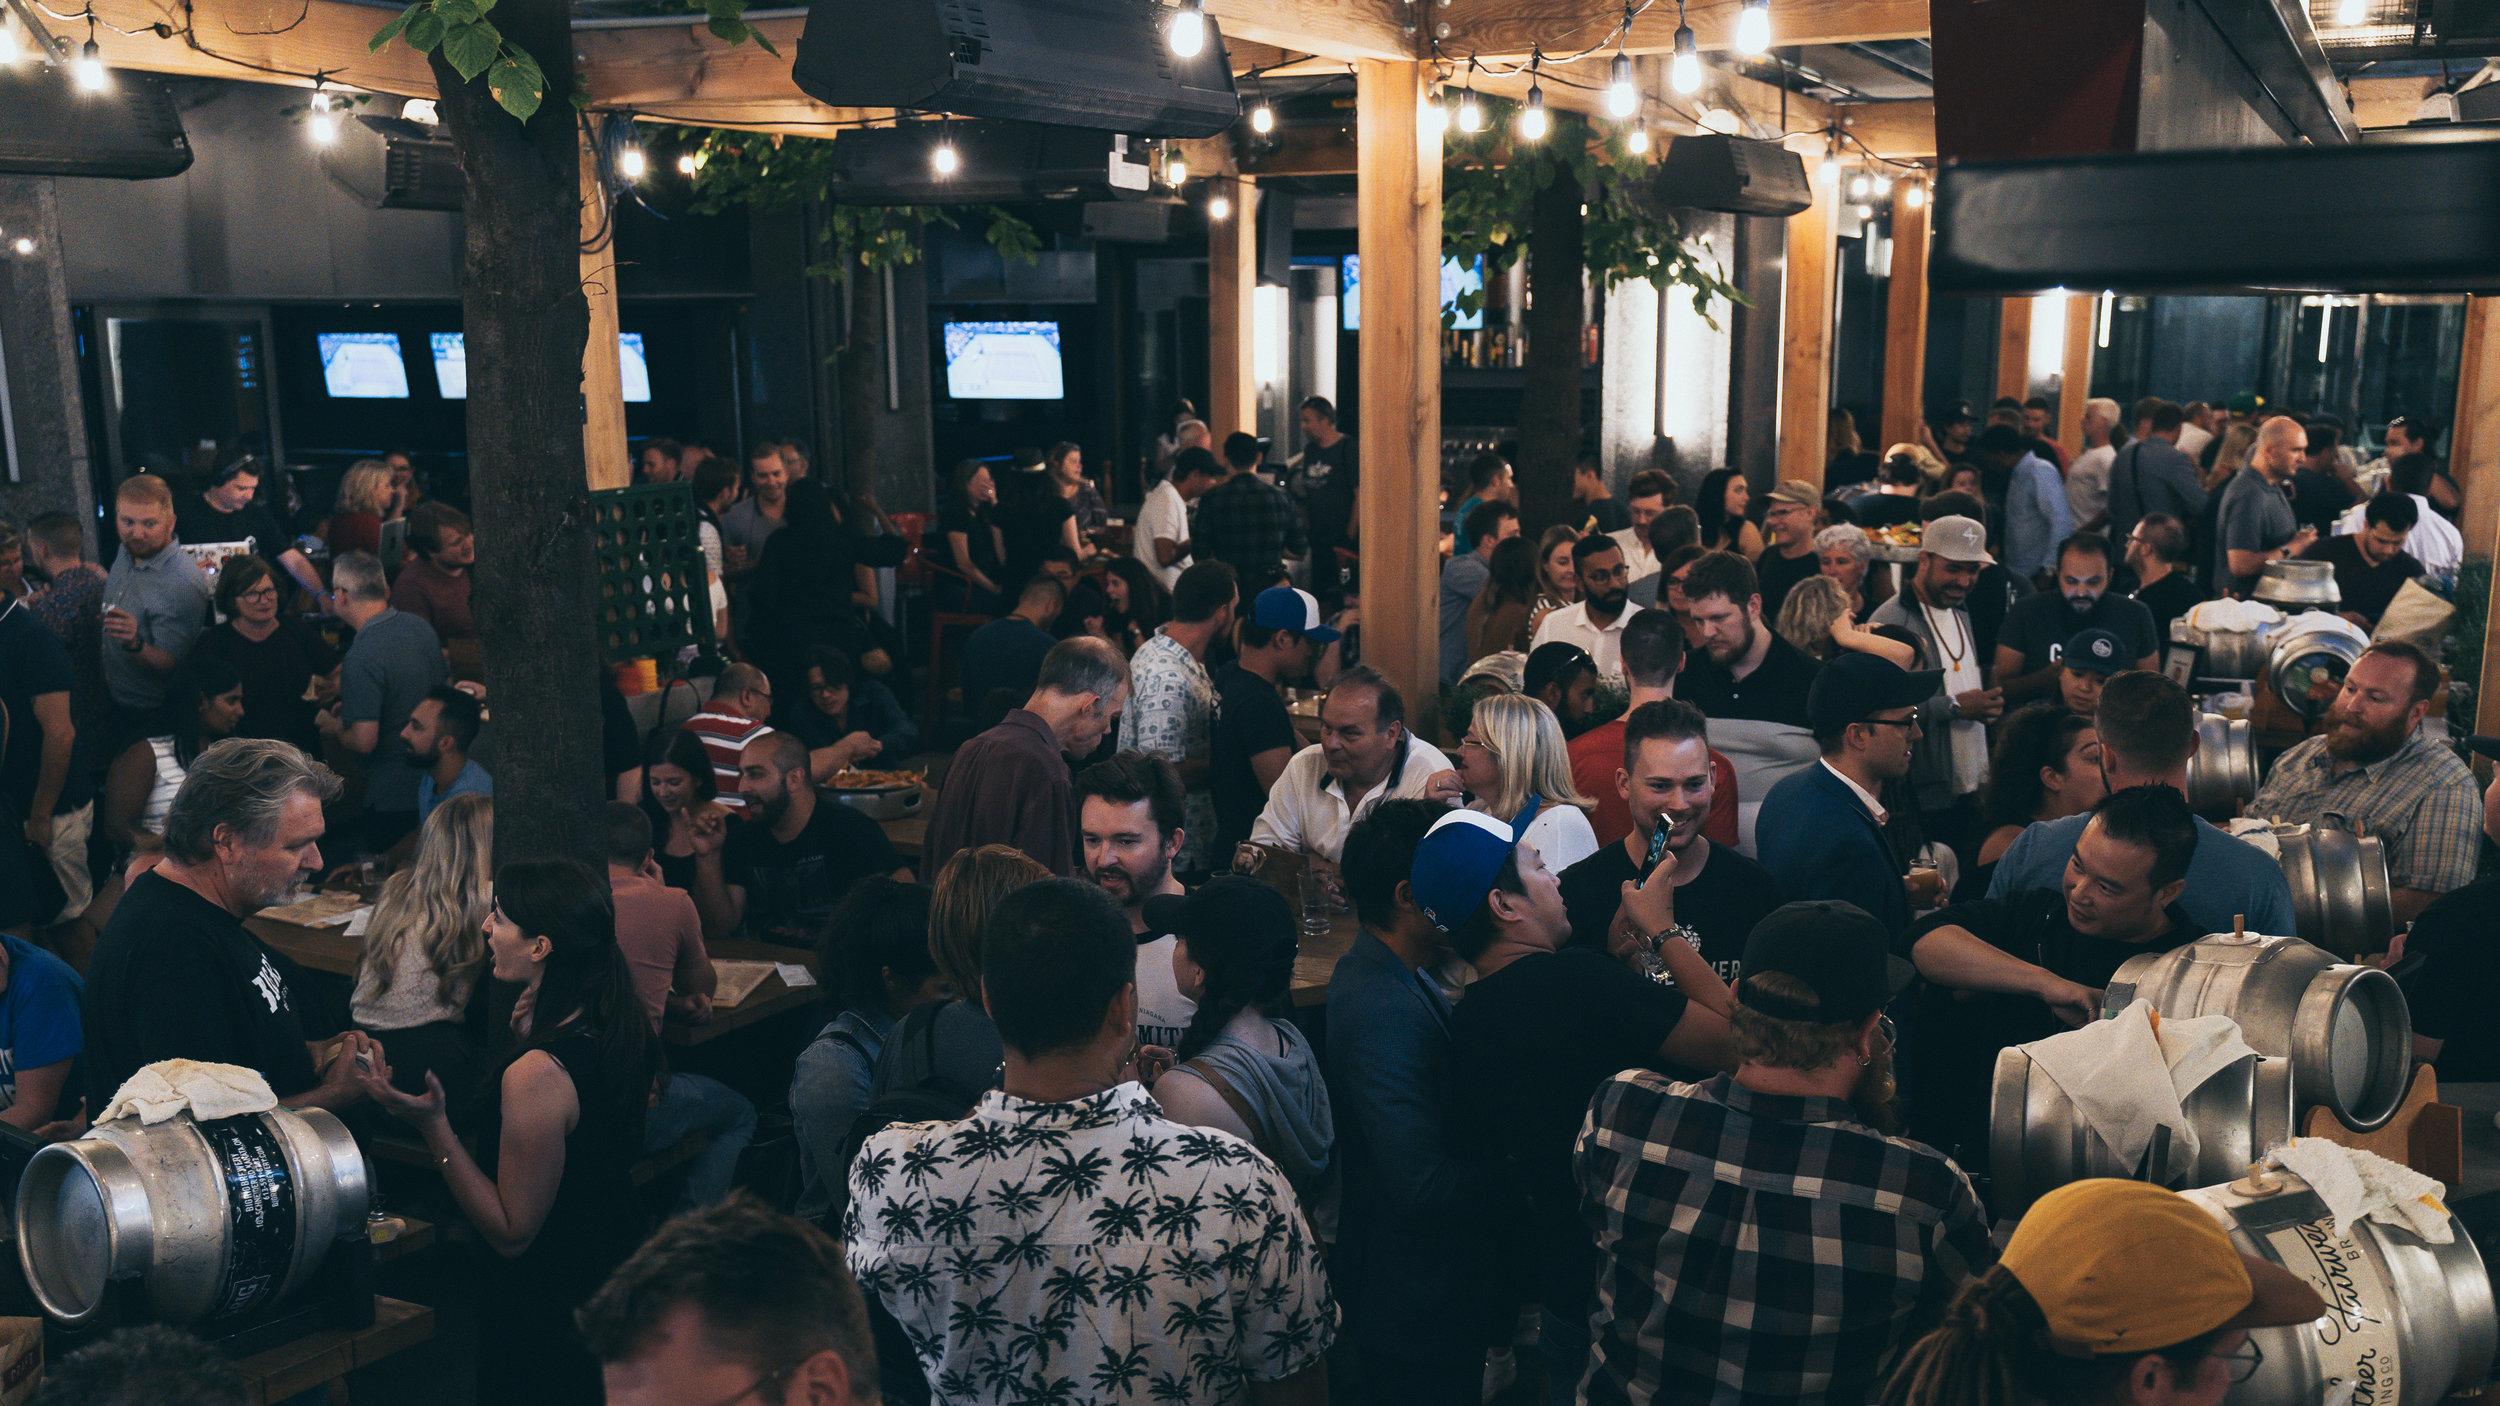 Caskapalooza 2019 @ Craft Beer Market, Toronto